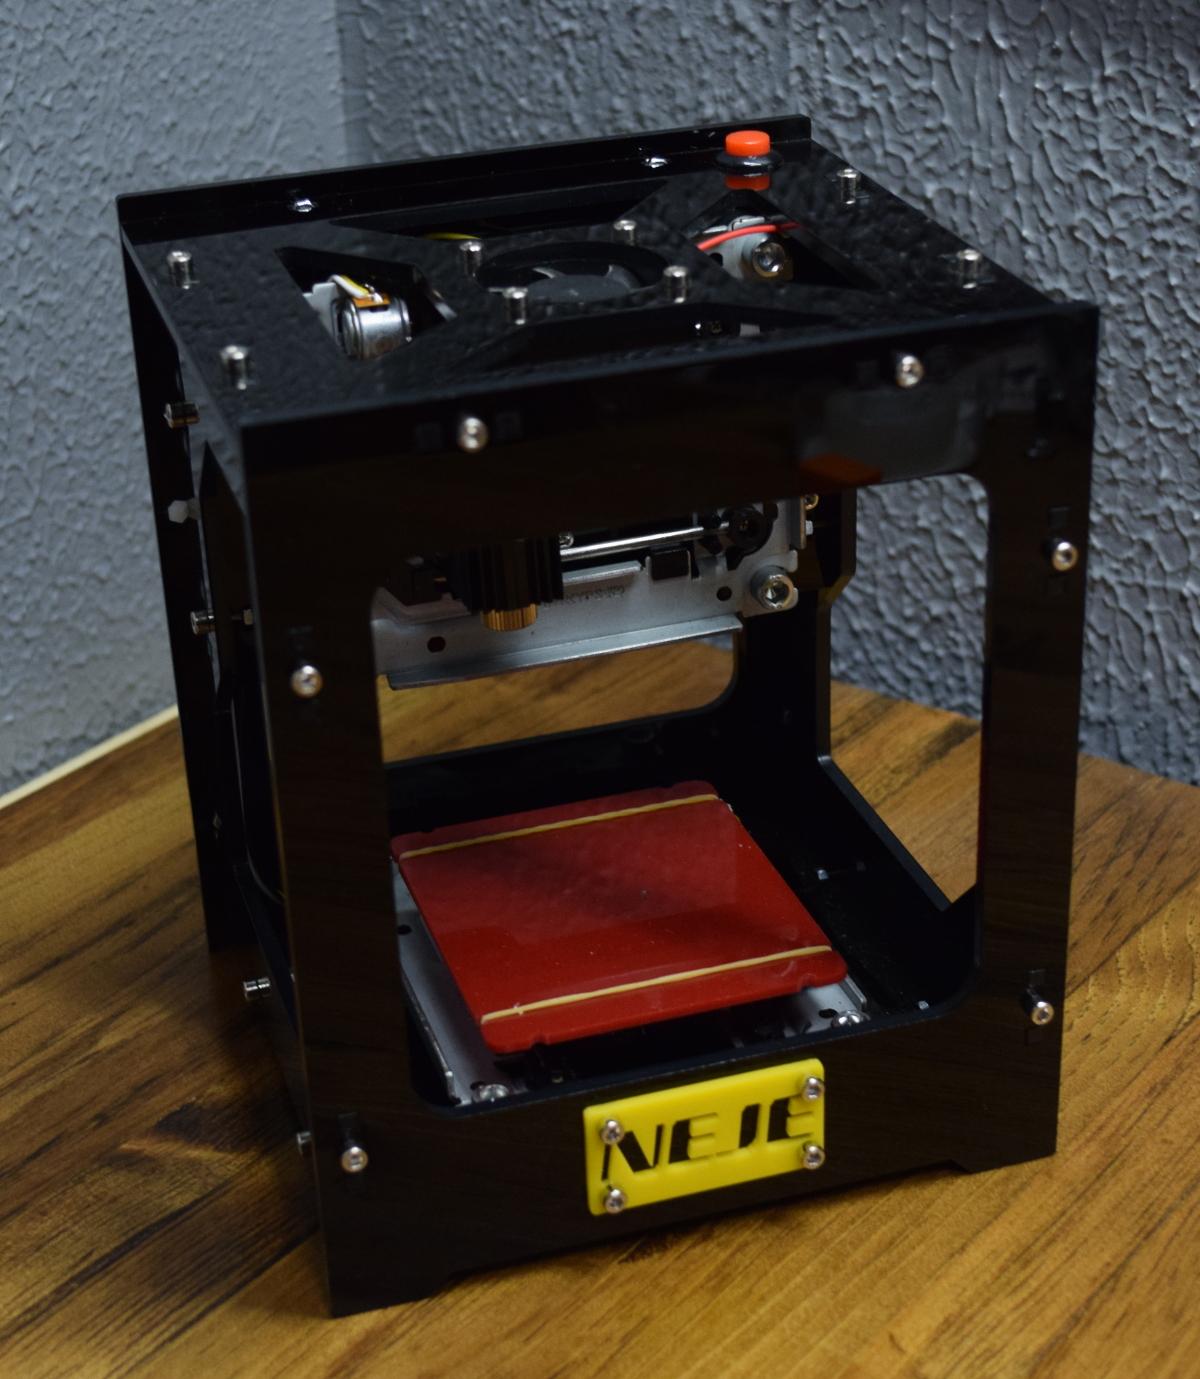 Review: NEJE DK-8-KZ Laser Engraver | Hackaday